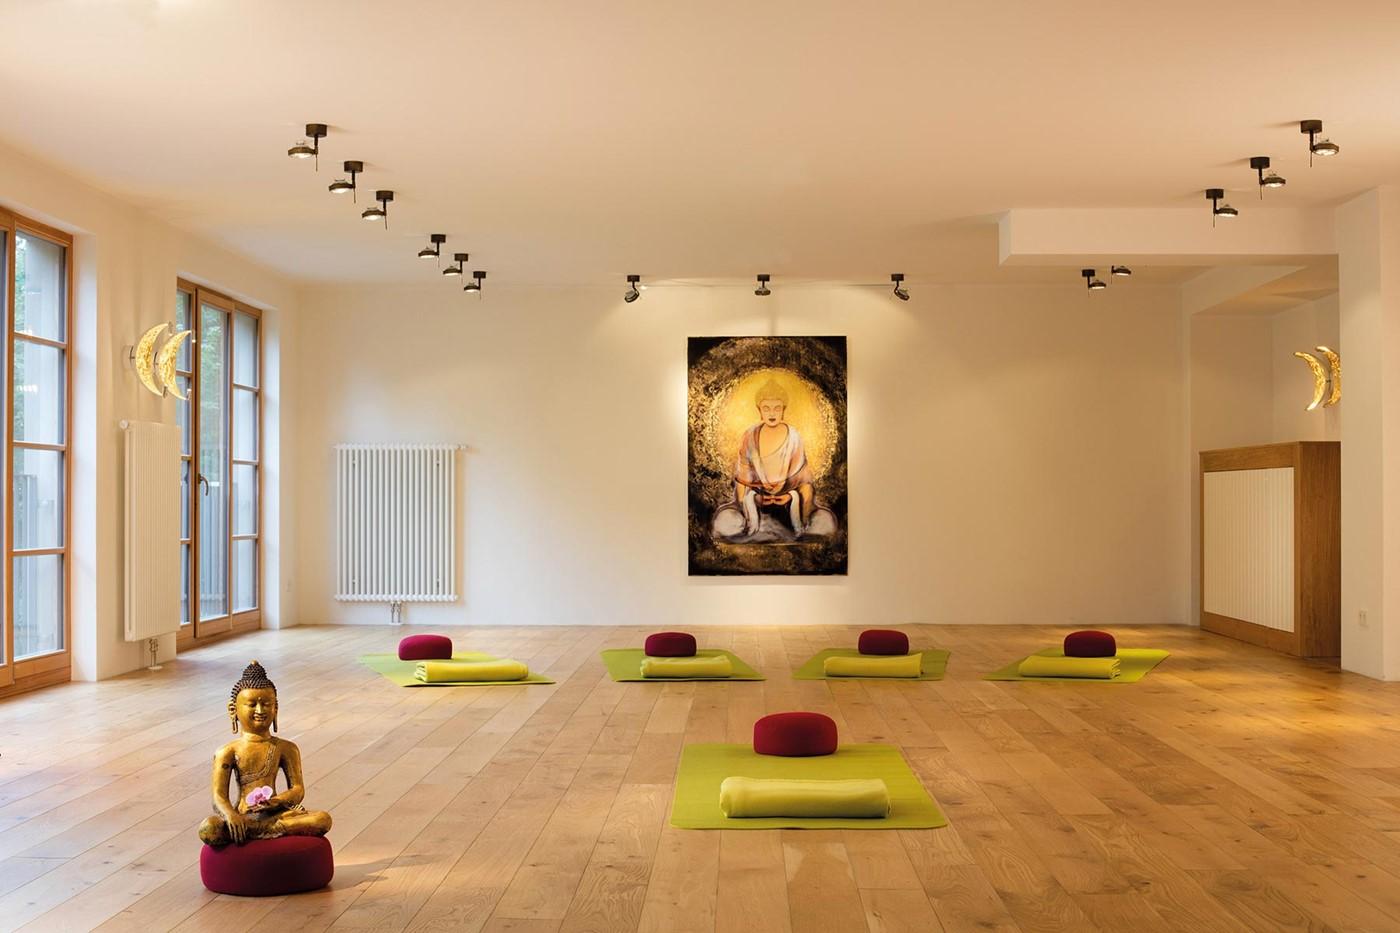 fitness meditation bollants. Black Bedroom Furniture Sets. Home Design Ideas